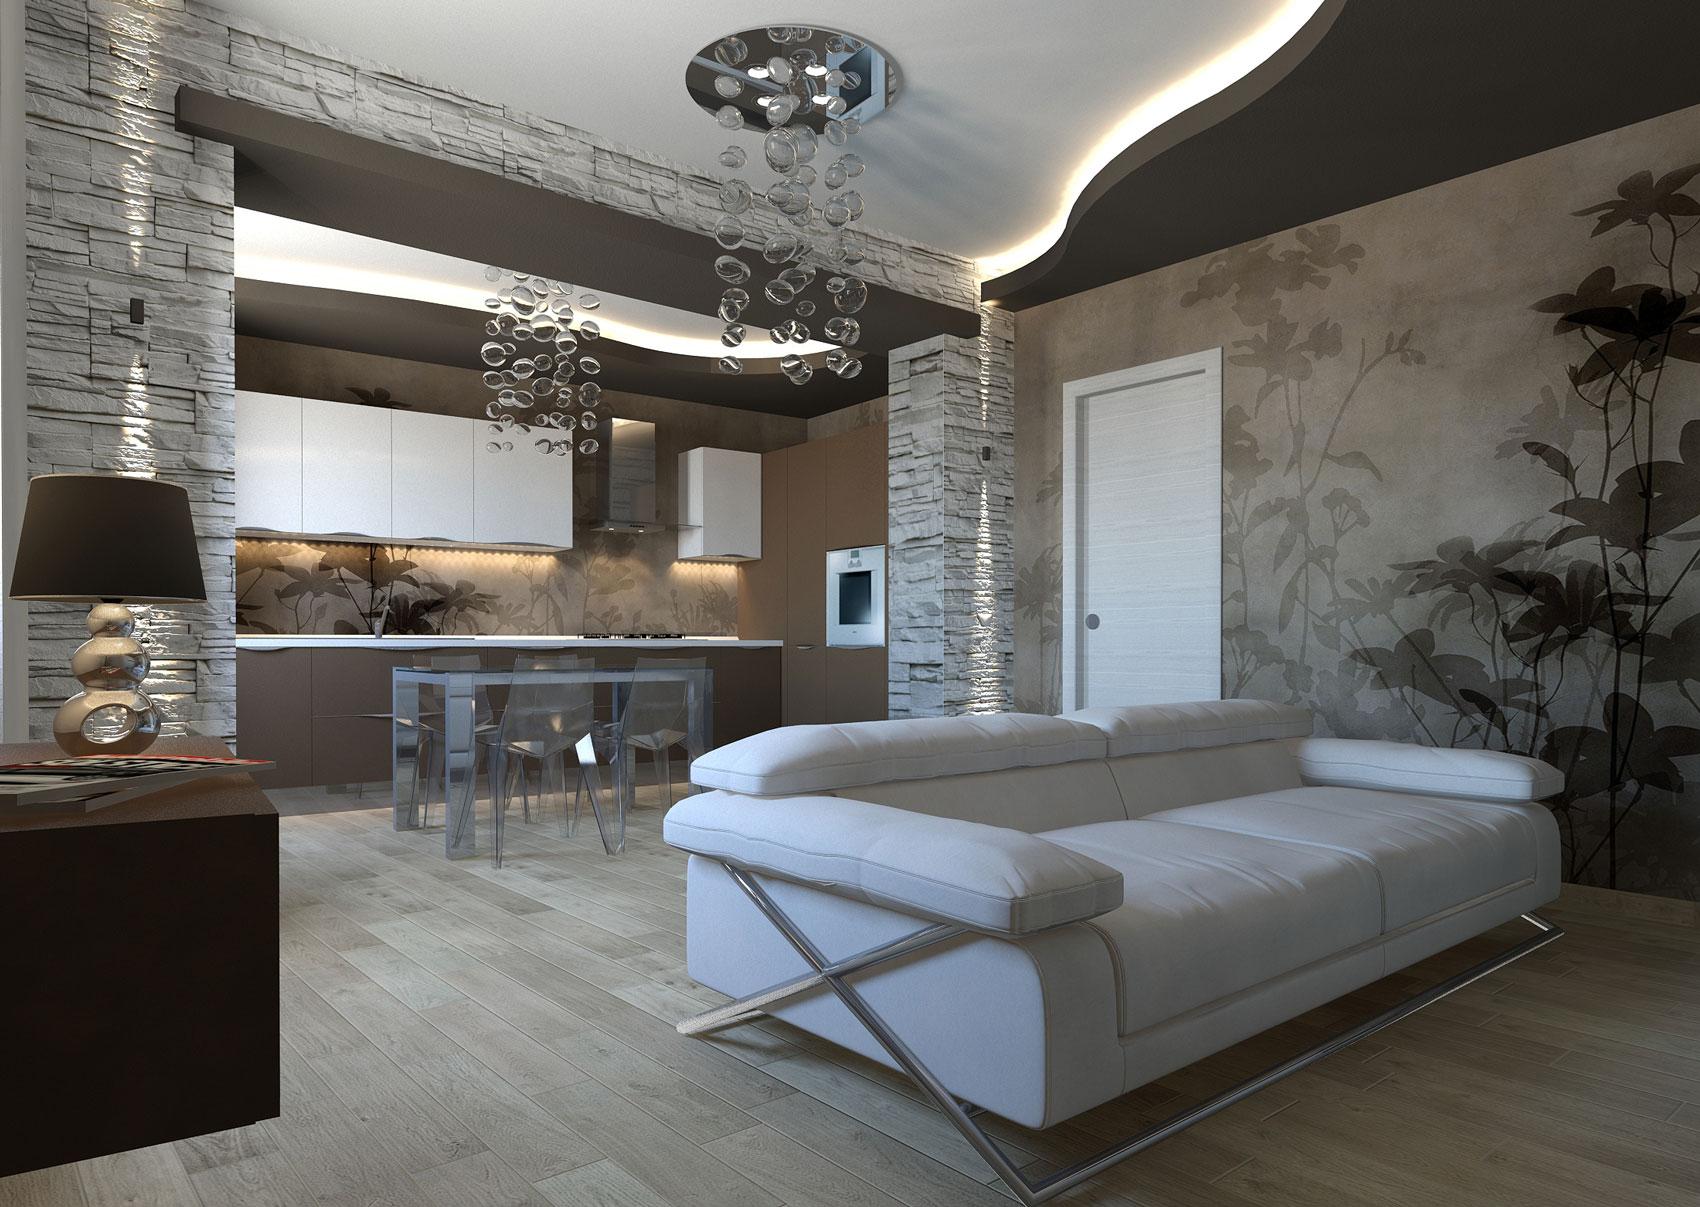 Geometrie abitative progetta ristruttura arreda - Arredi case moderne ...